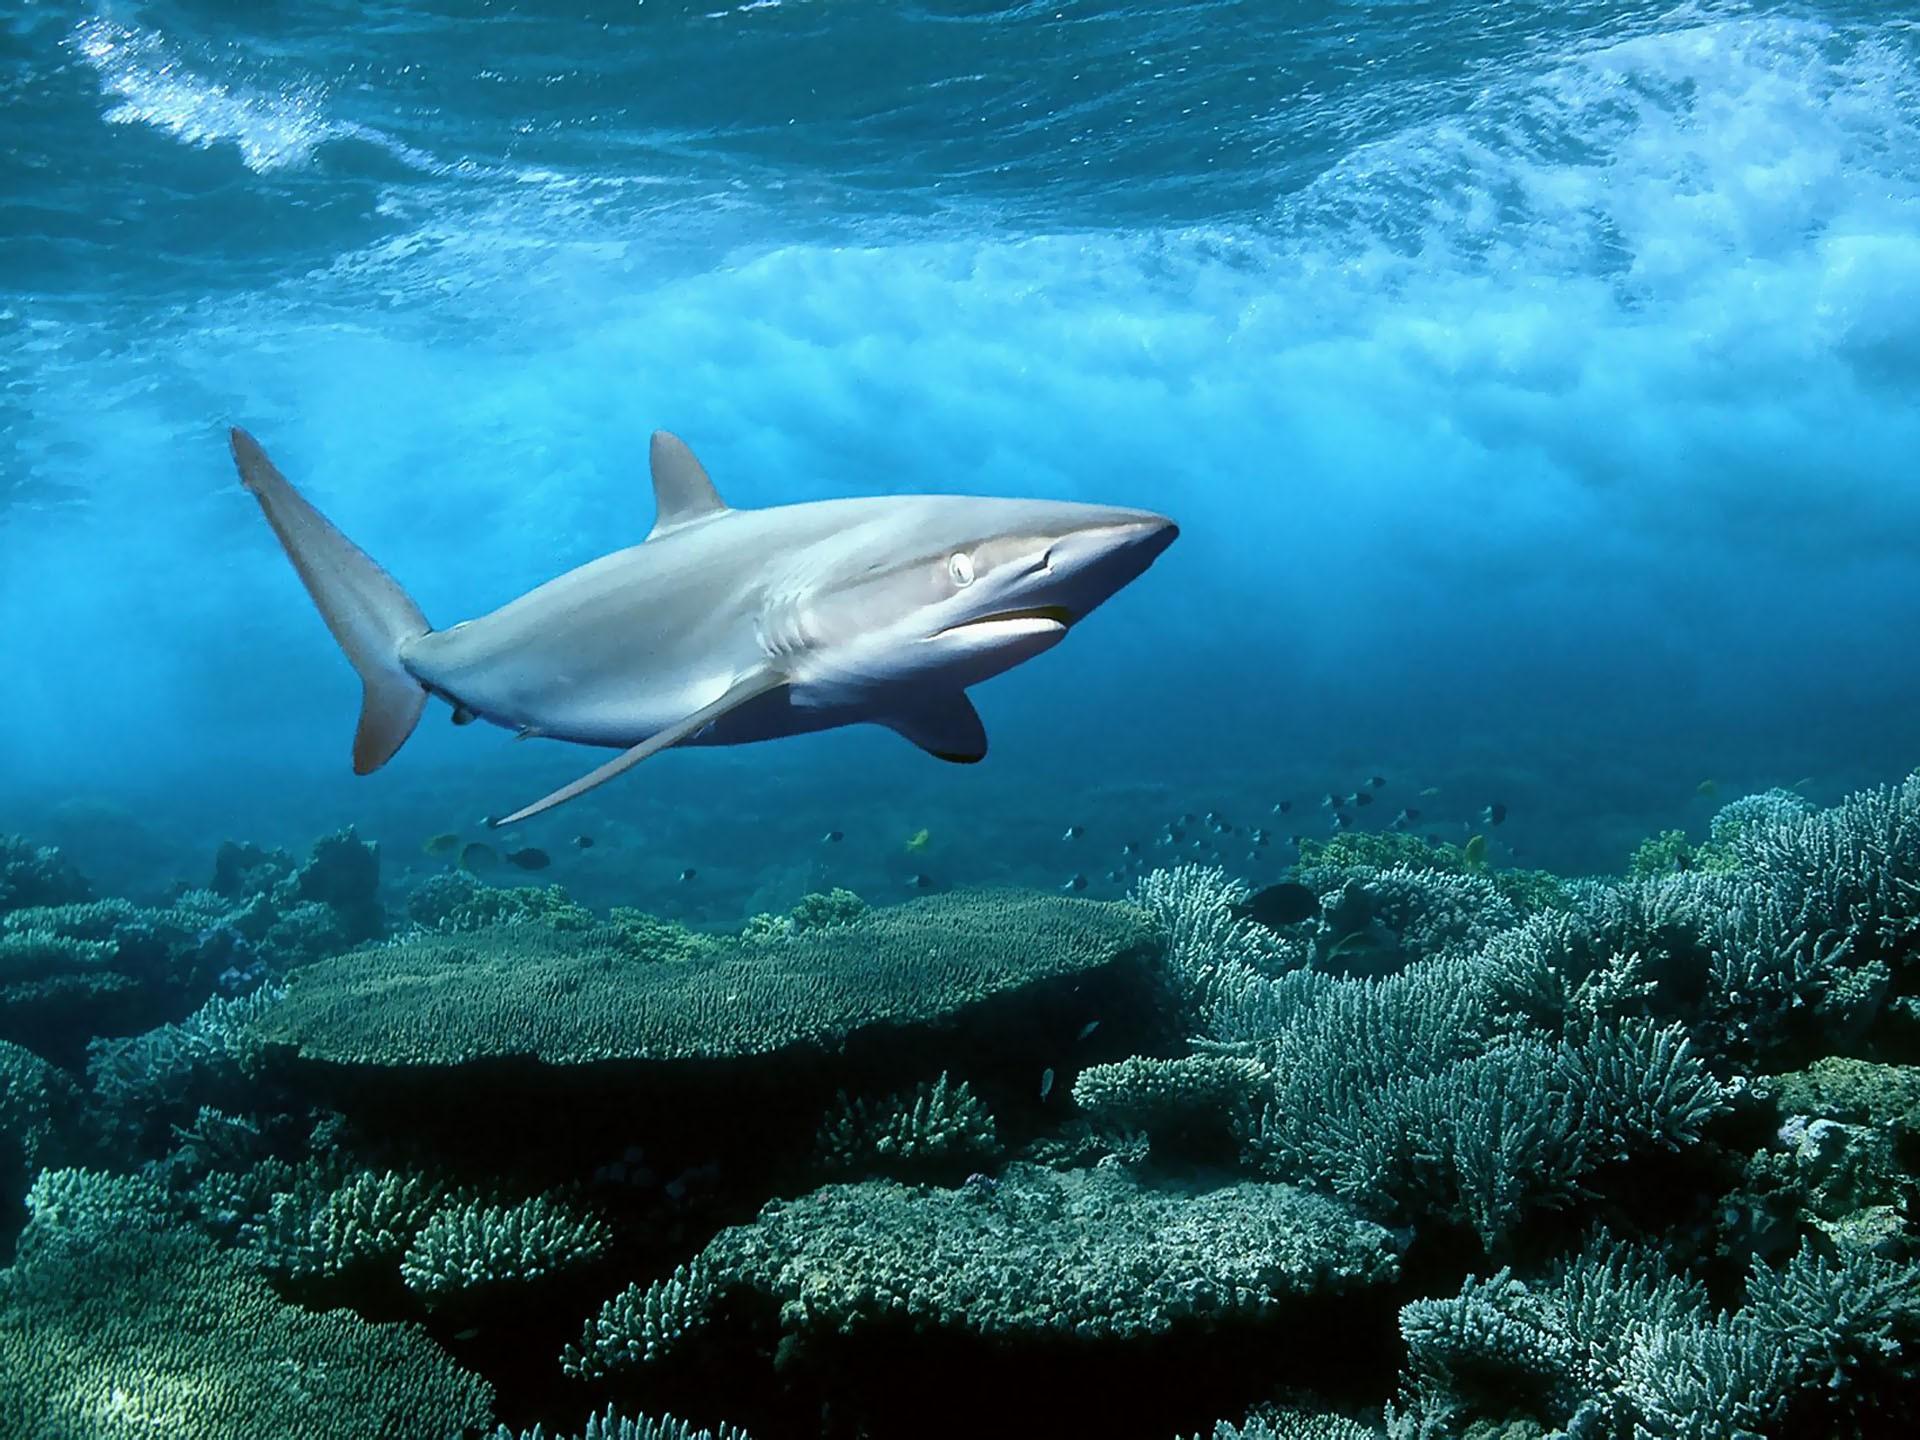 デスクトップ壁紙 1920x1440 Px 動物 自然 海洋 サメ 水中